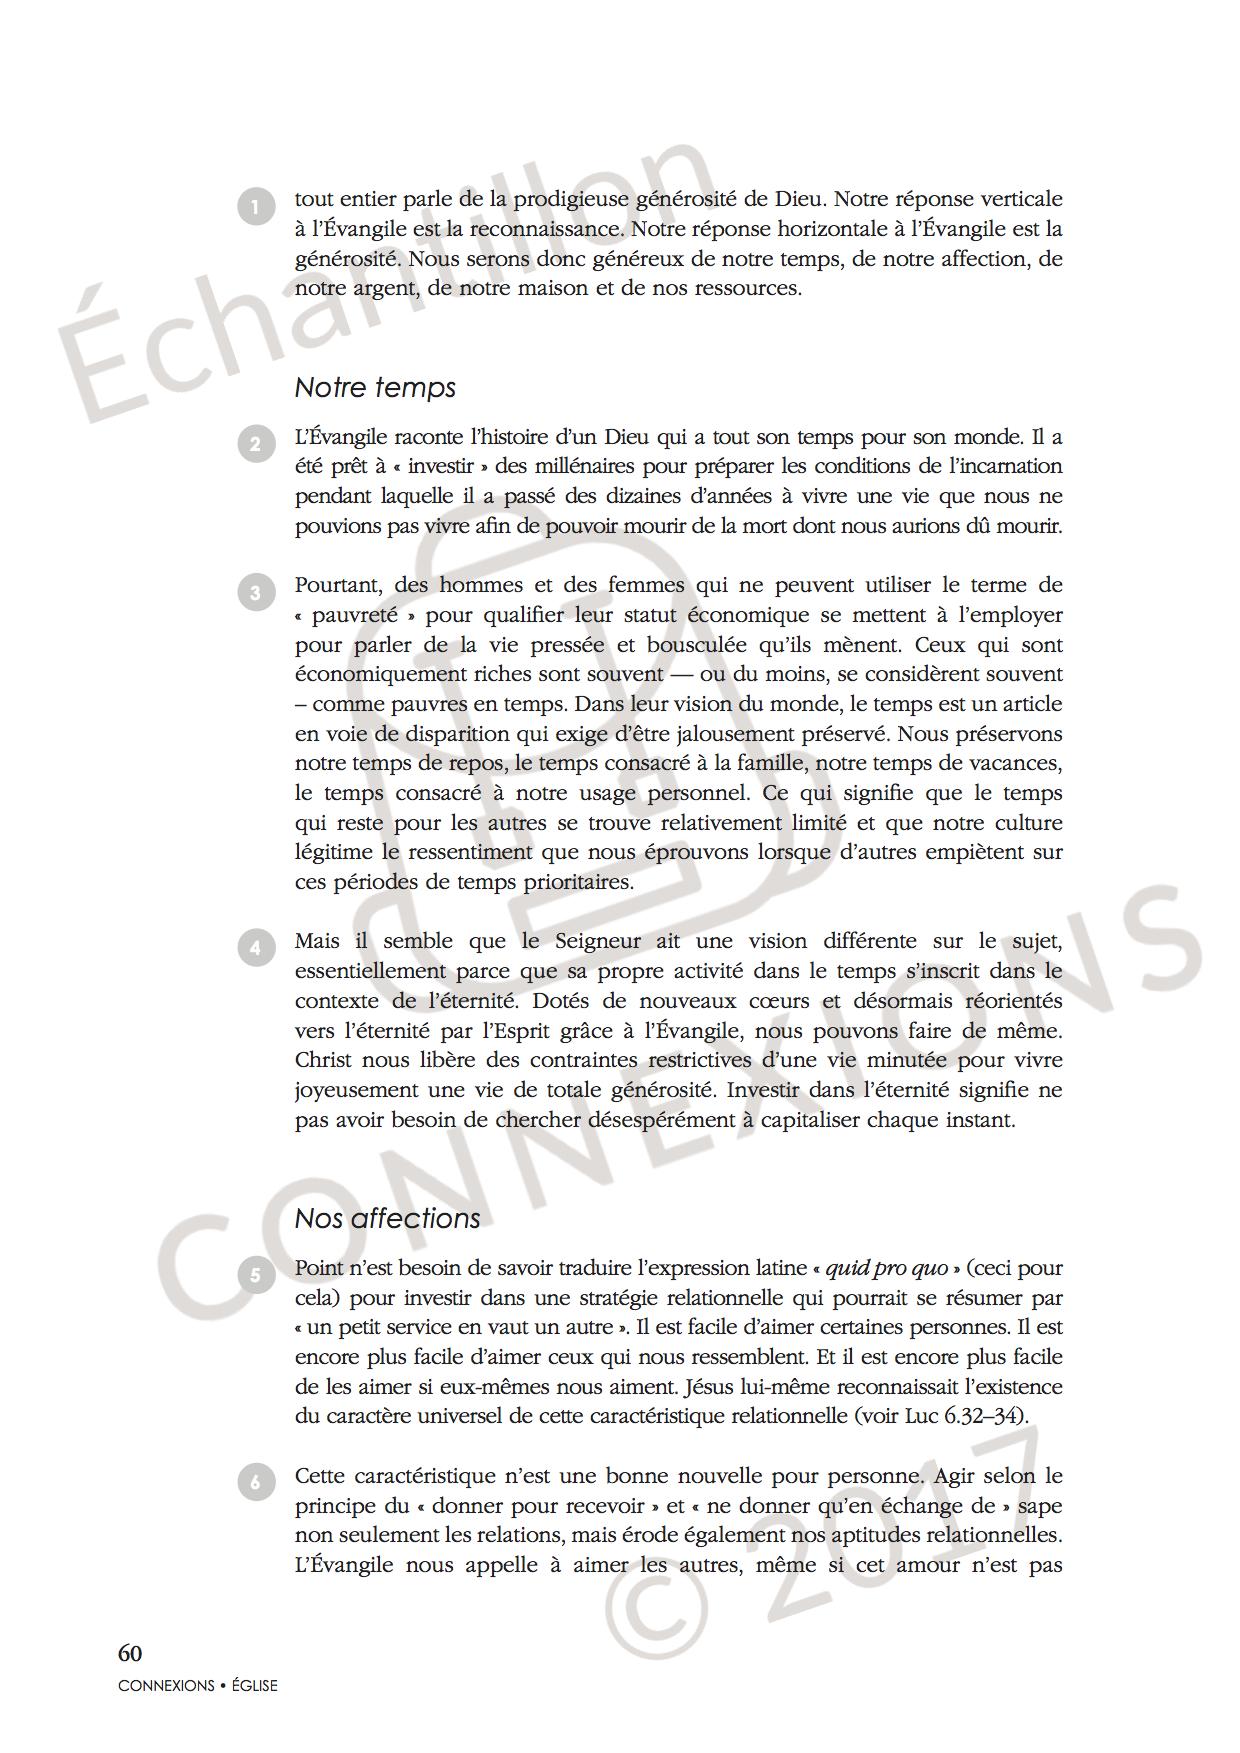 L'Évangile au cœur de la communauté_sample_published.8.png